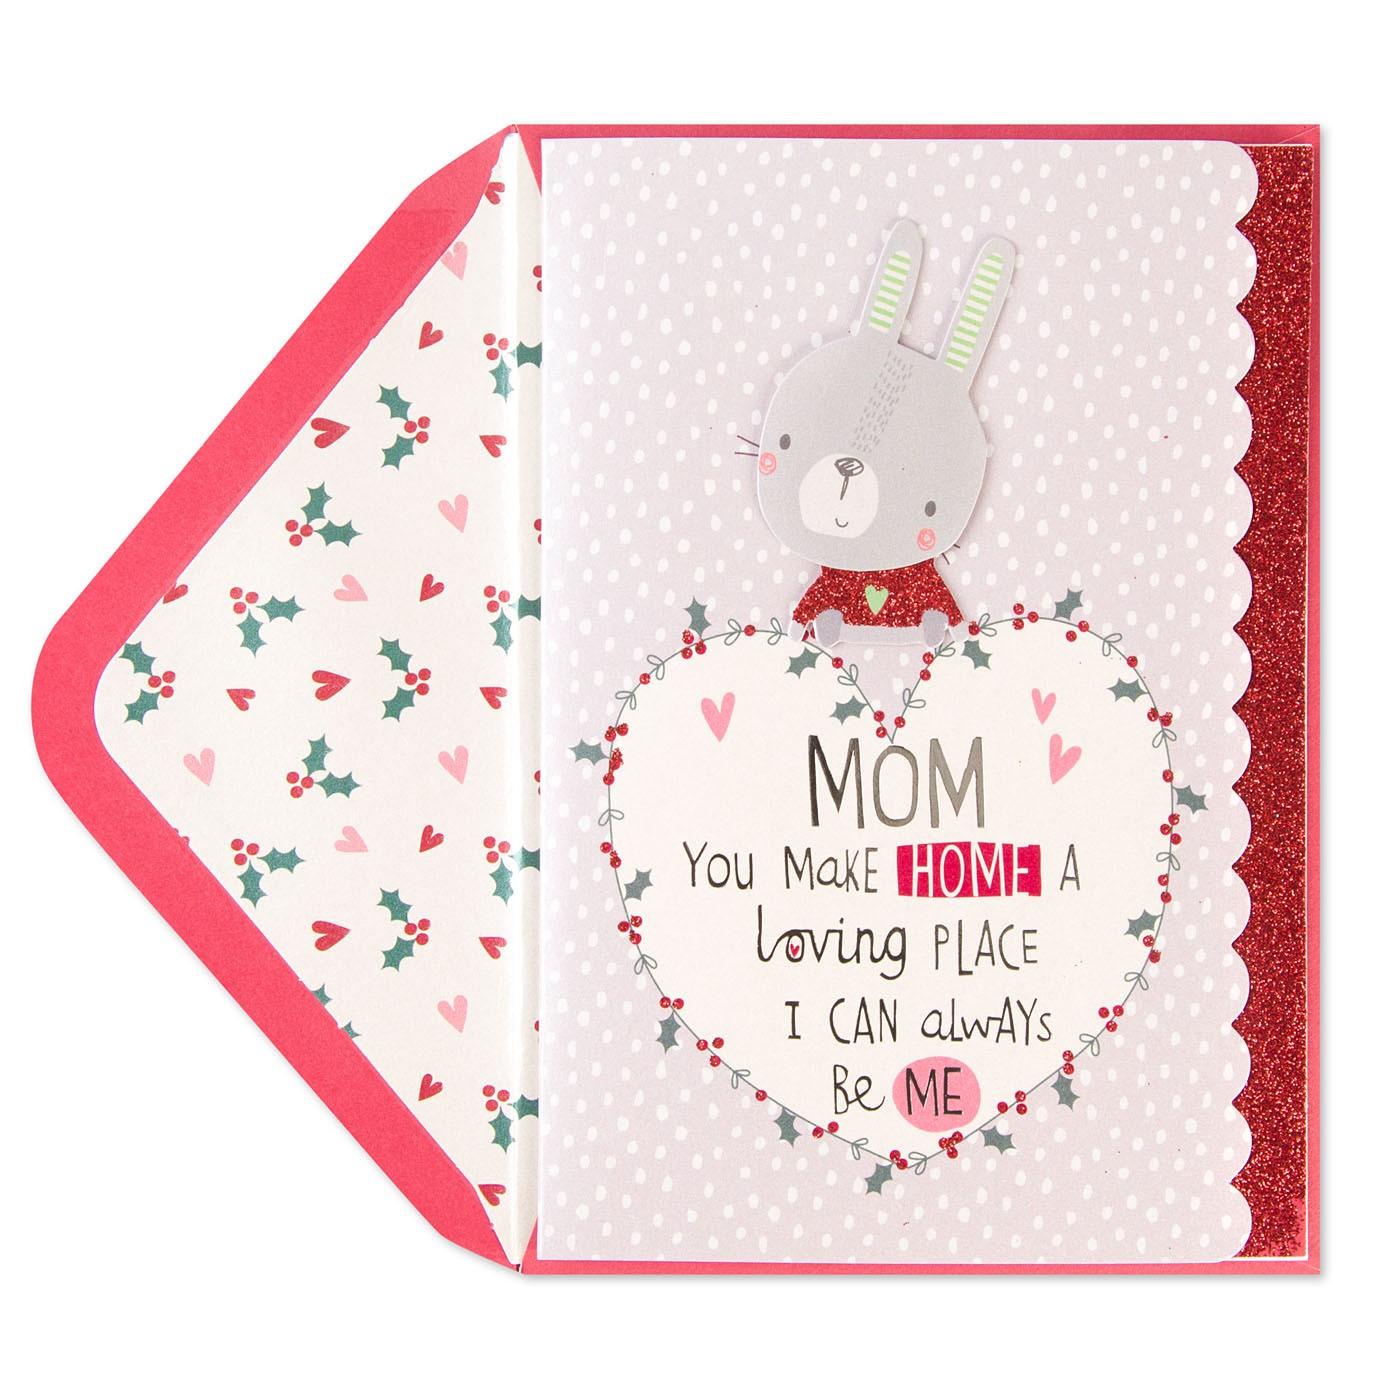 Bunny With Heart Wreath Christmas Card (For Mom)